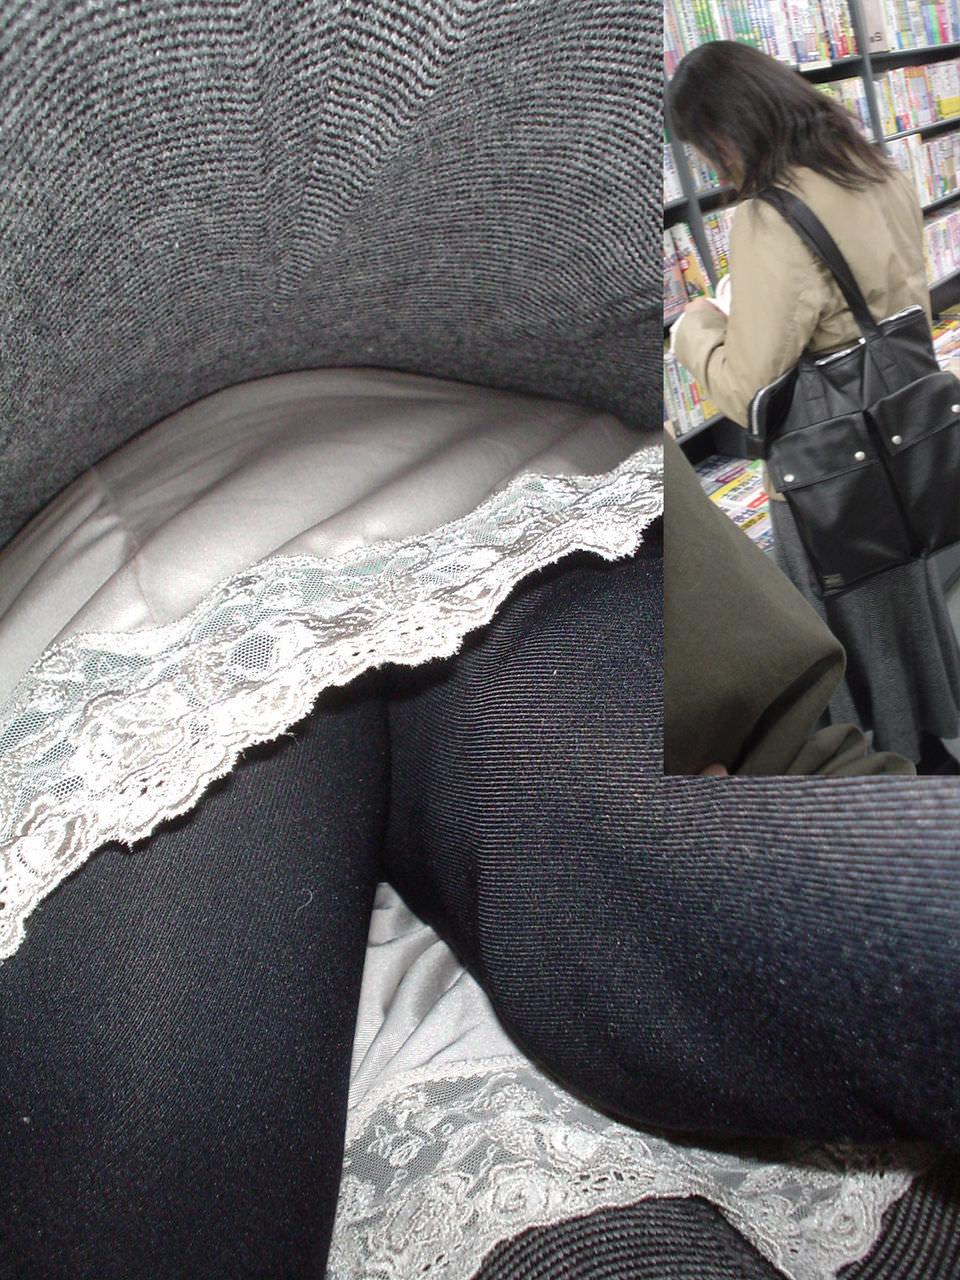 素人女子がロングスカートで絶対大丈夫とたかをくくった結果 → 余裕の逆さパンチラwwww 0662